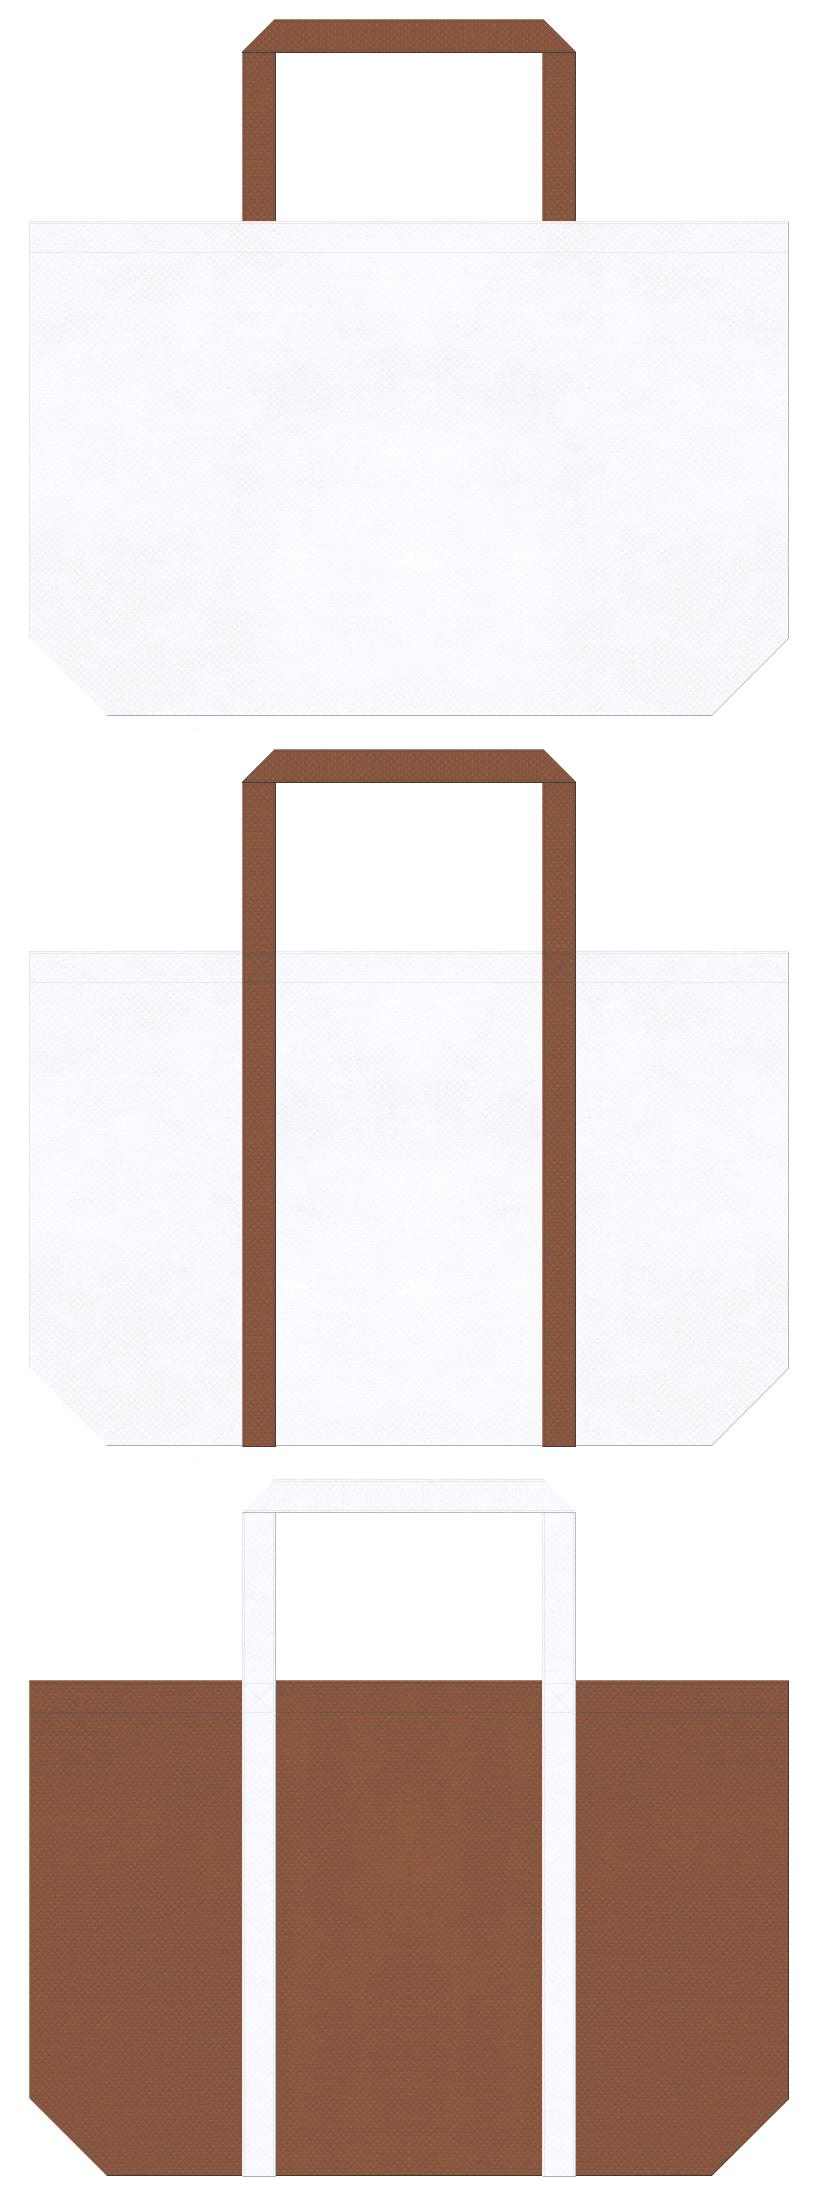 白色と茶色の不織布ショッピングバッグデザイン